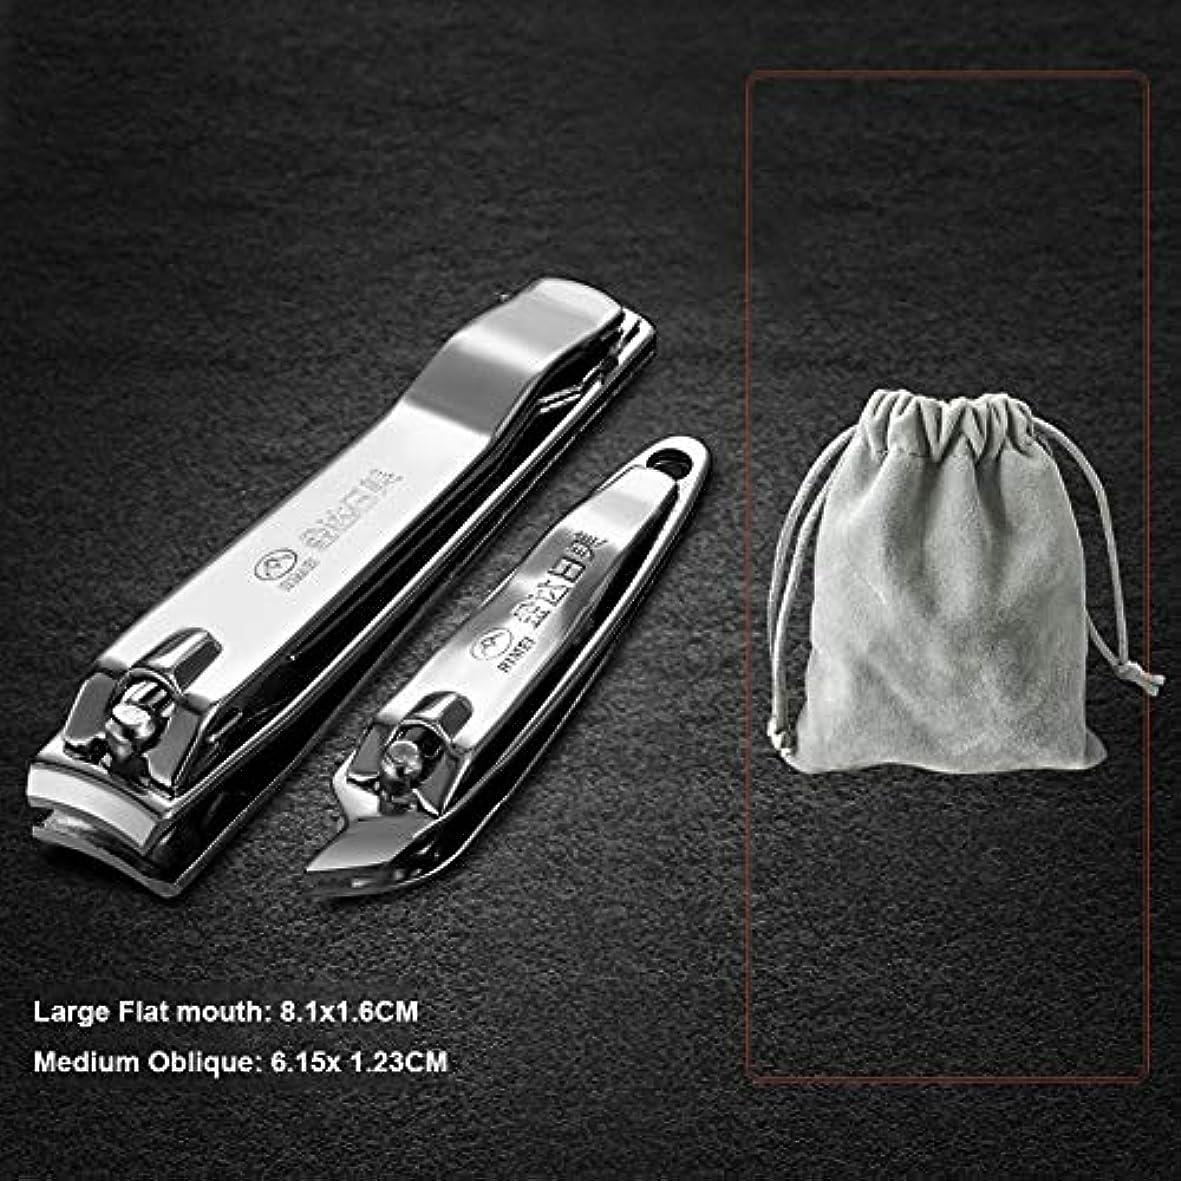 長椅子トレースアクセスできない2つのステンレス鋼の爪切り、大きい平らな爪切りおよび中型の斜めの釘のはさみ、男性女性のため